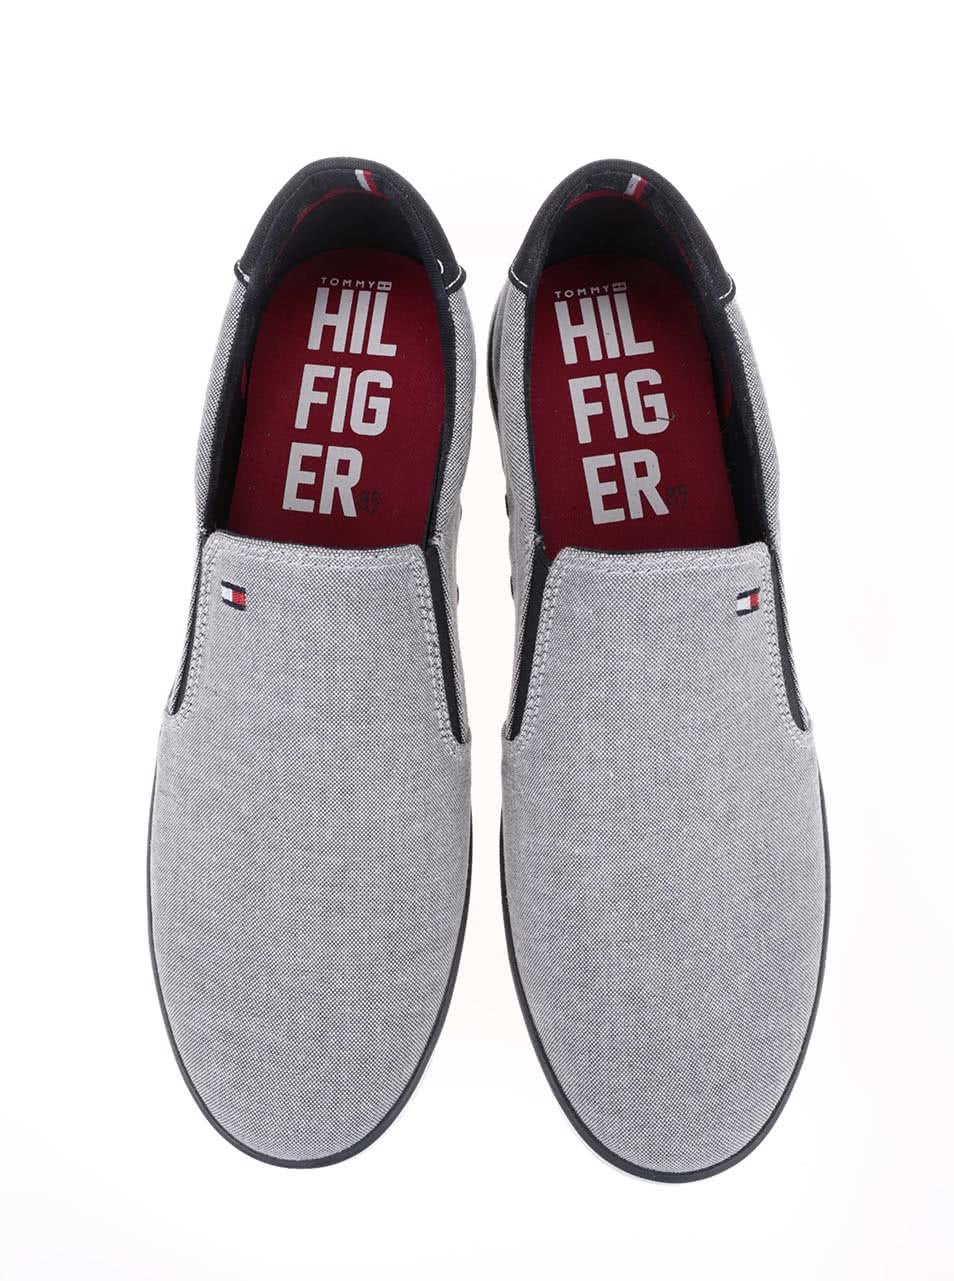 Sivé pánske slip on tenisky s červeným detailom Tommy Hilfiger Arlow ... 2f6c970894c